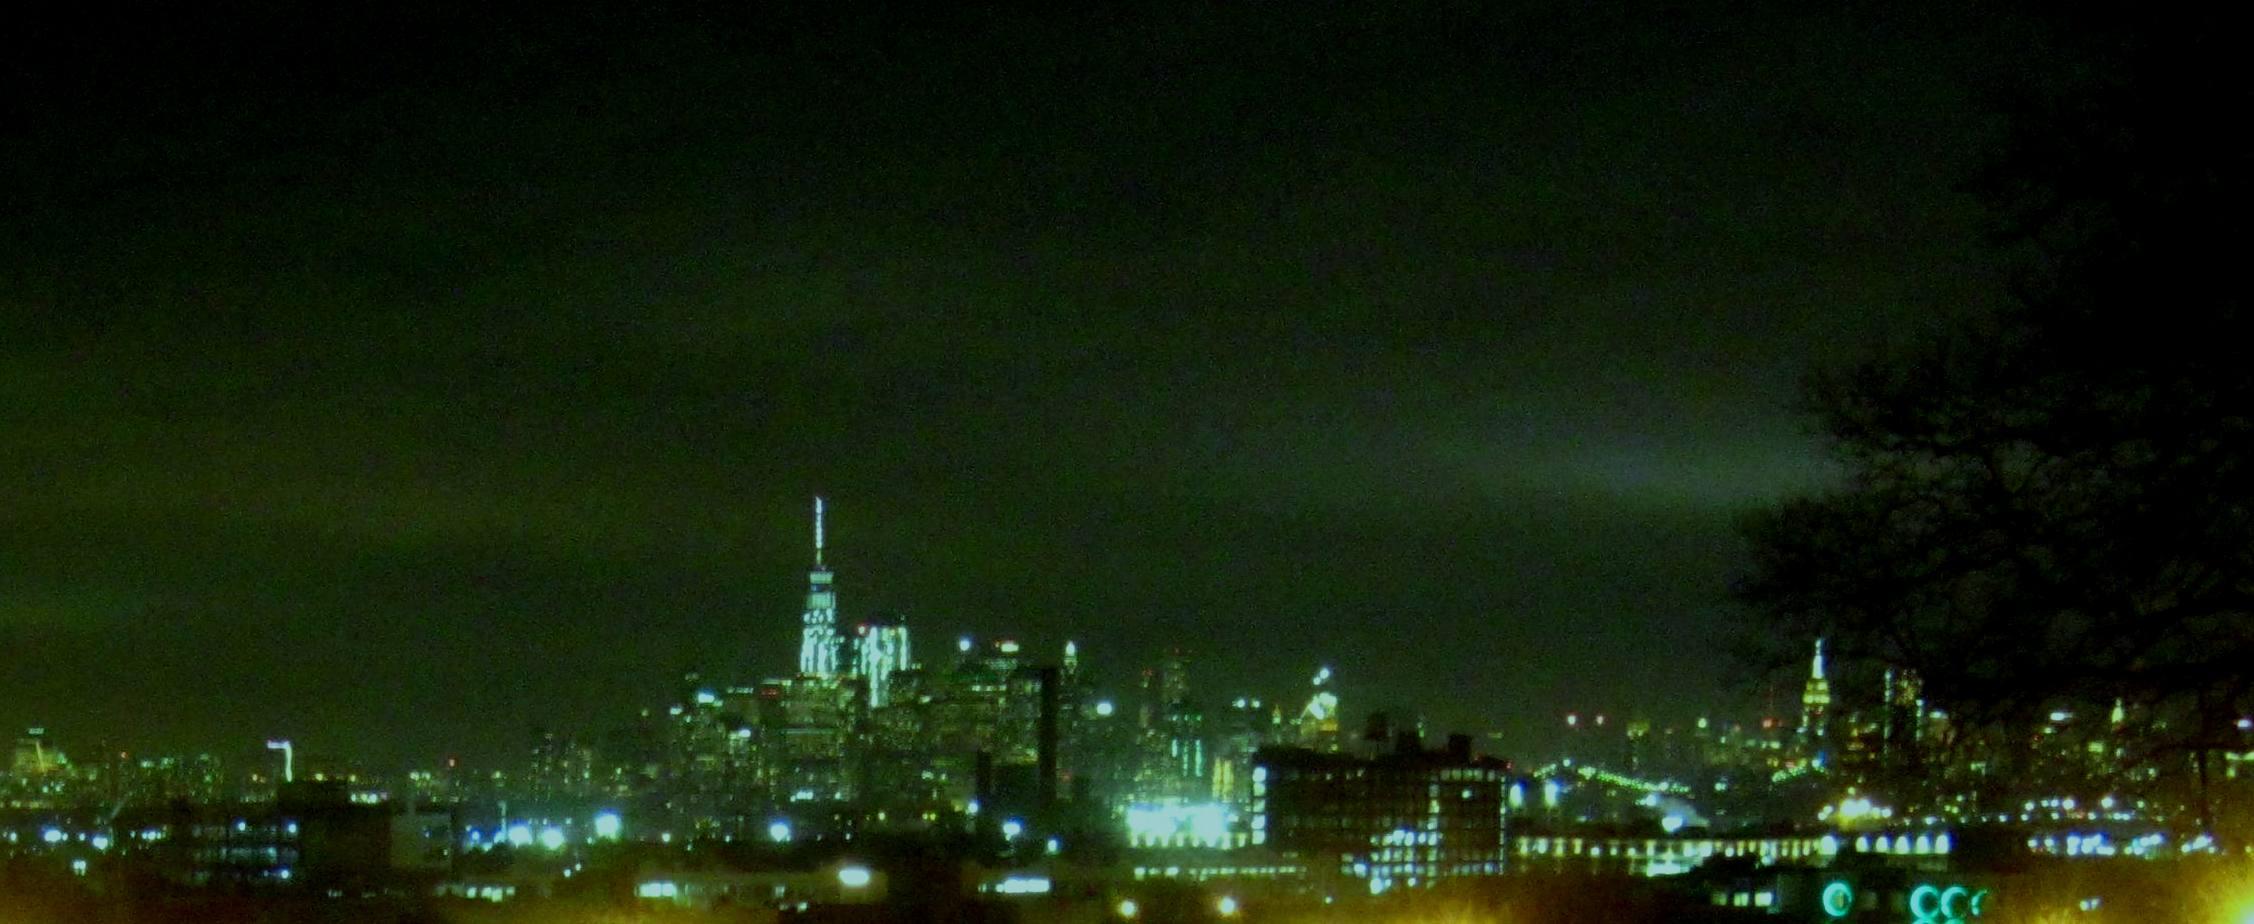 冬の寒気の中に立つマンハッタンの高層ビル街。